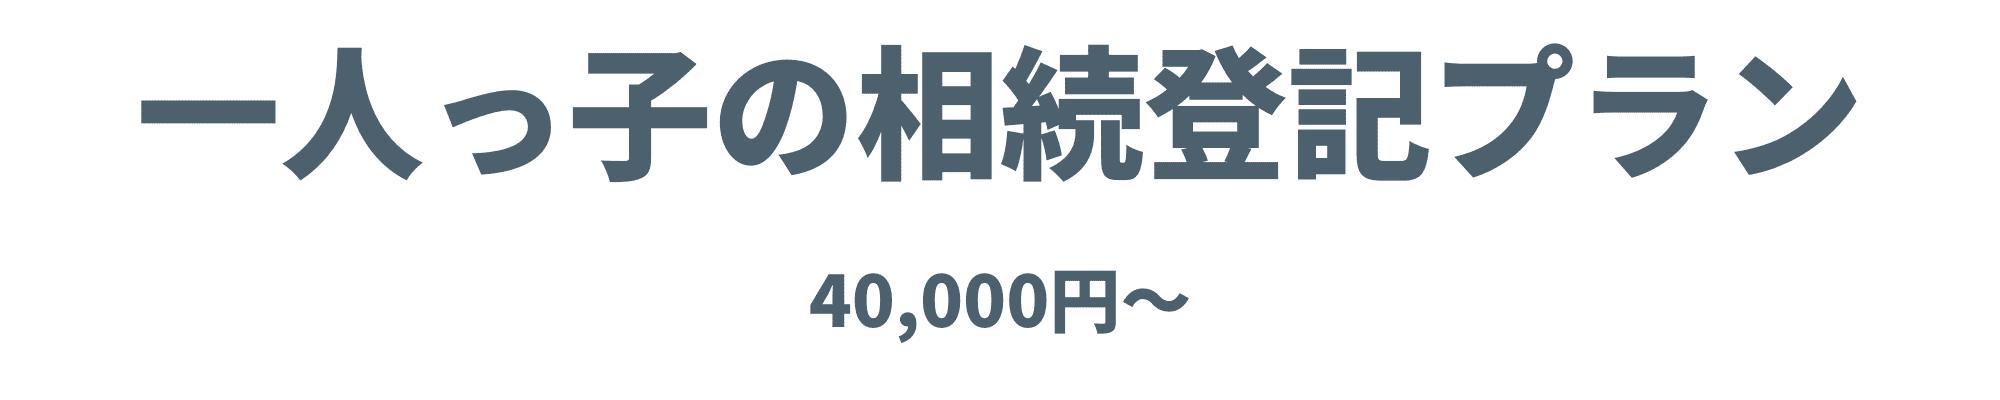 一人っ子の相続登記プラン40,000円~